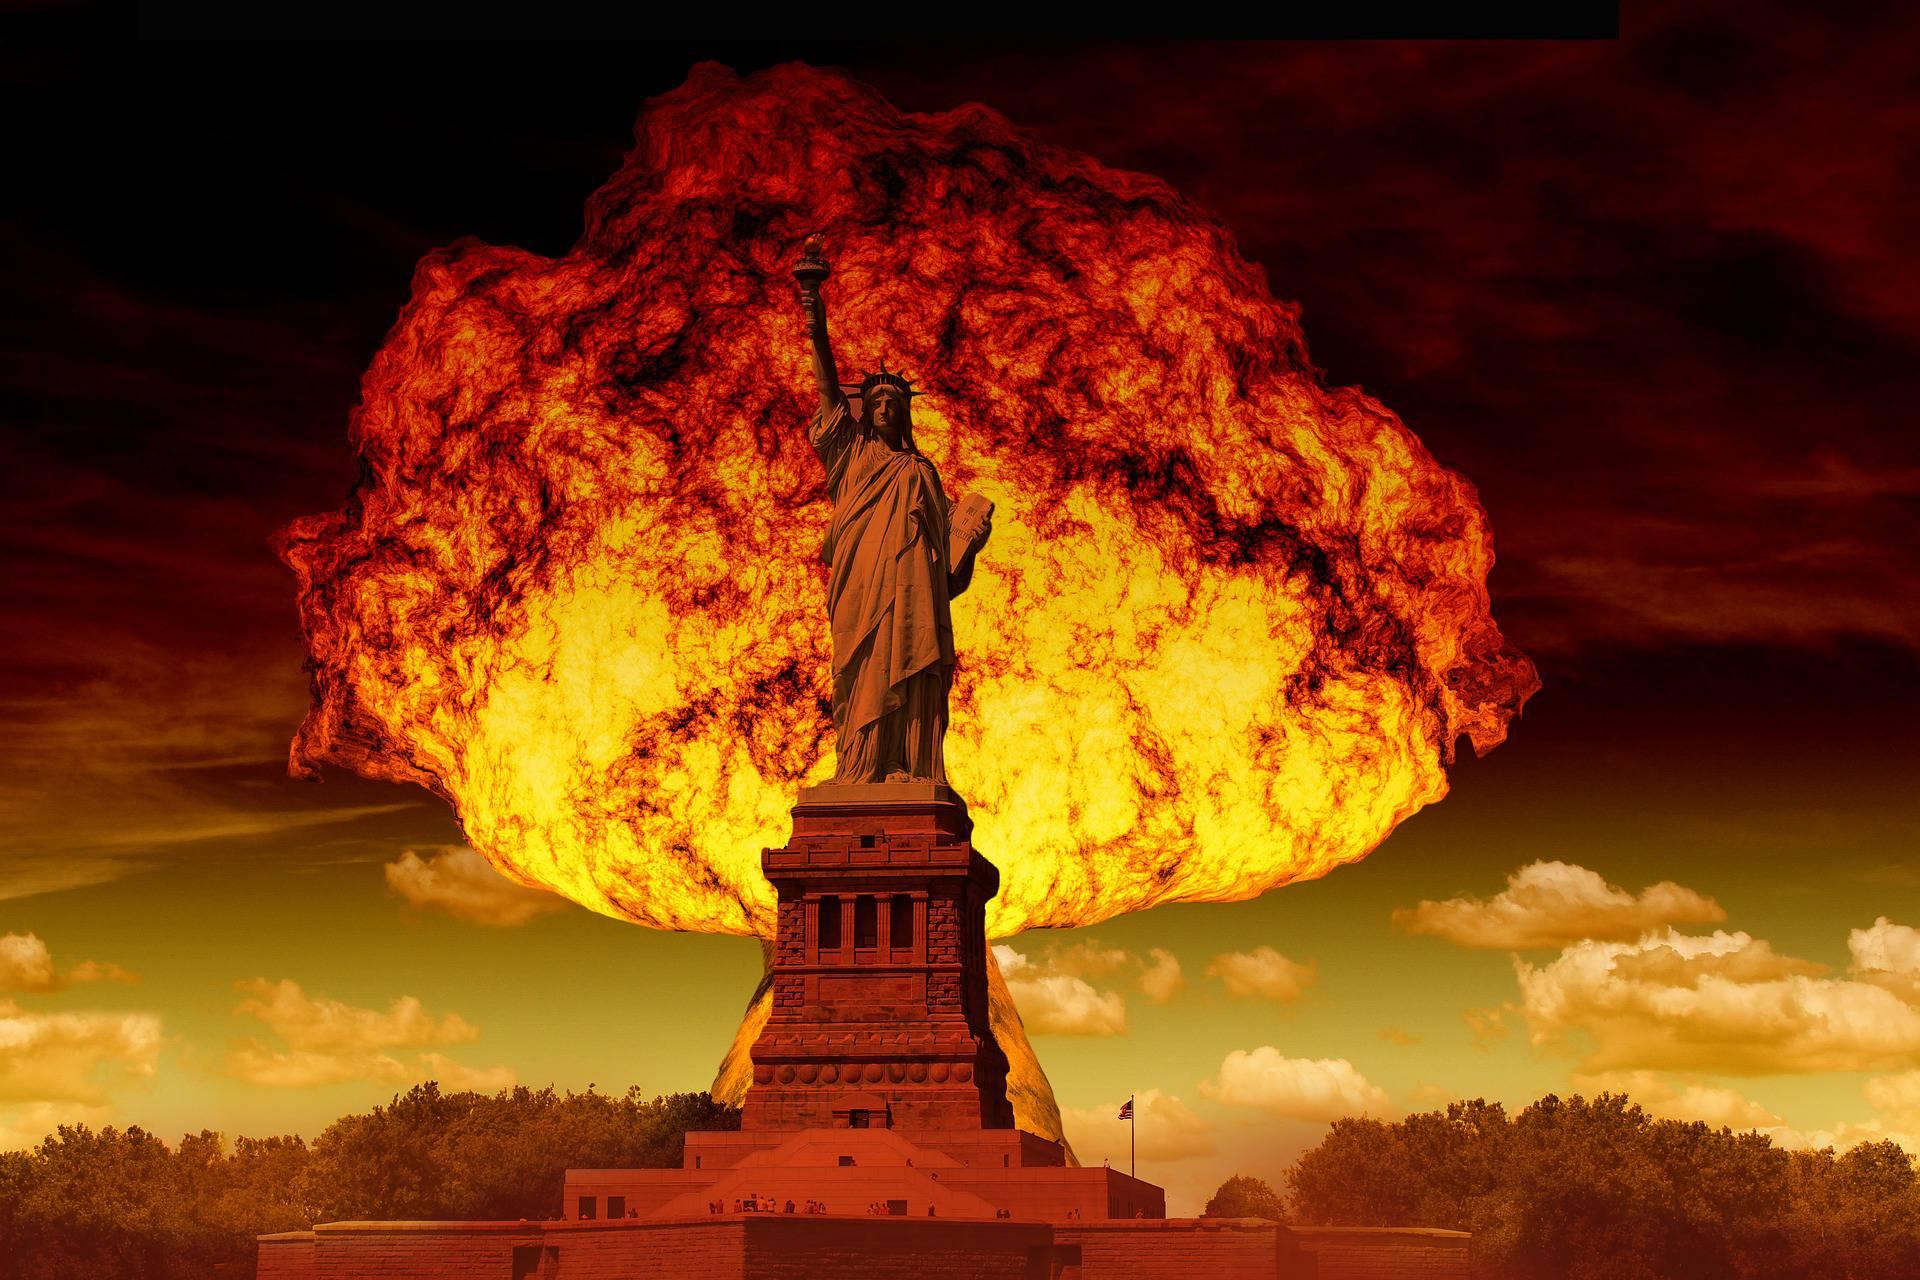 Jeziva predviđanja za 2019.: Počet će razorni svjetski rat...